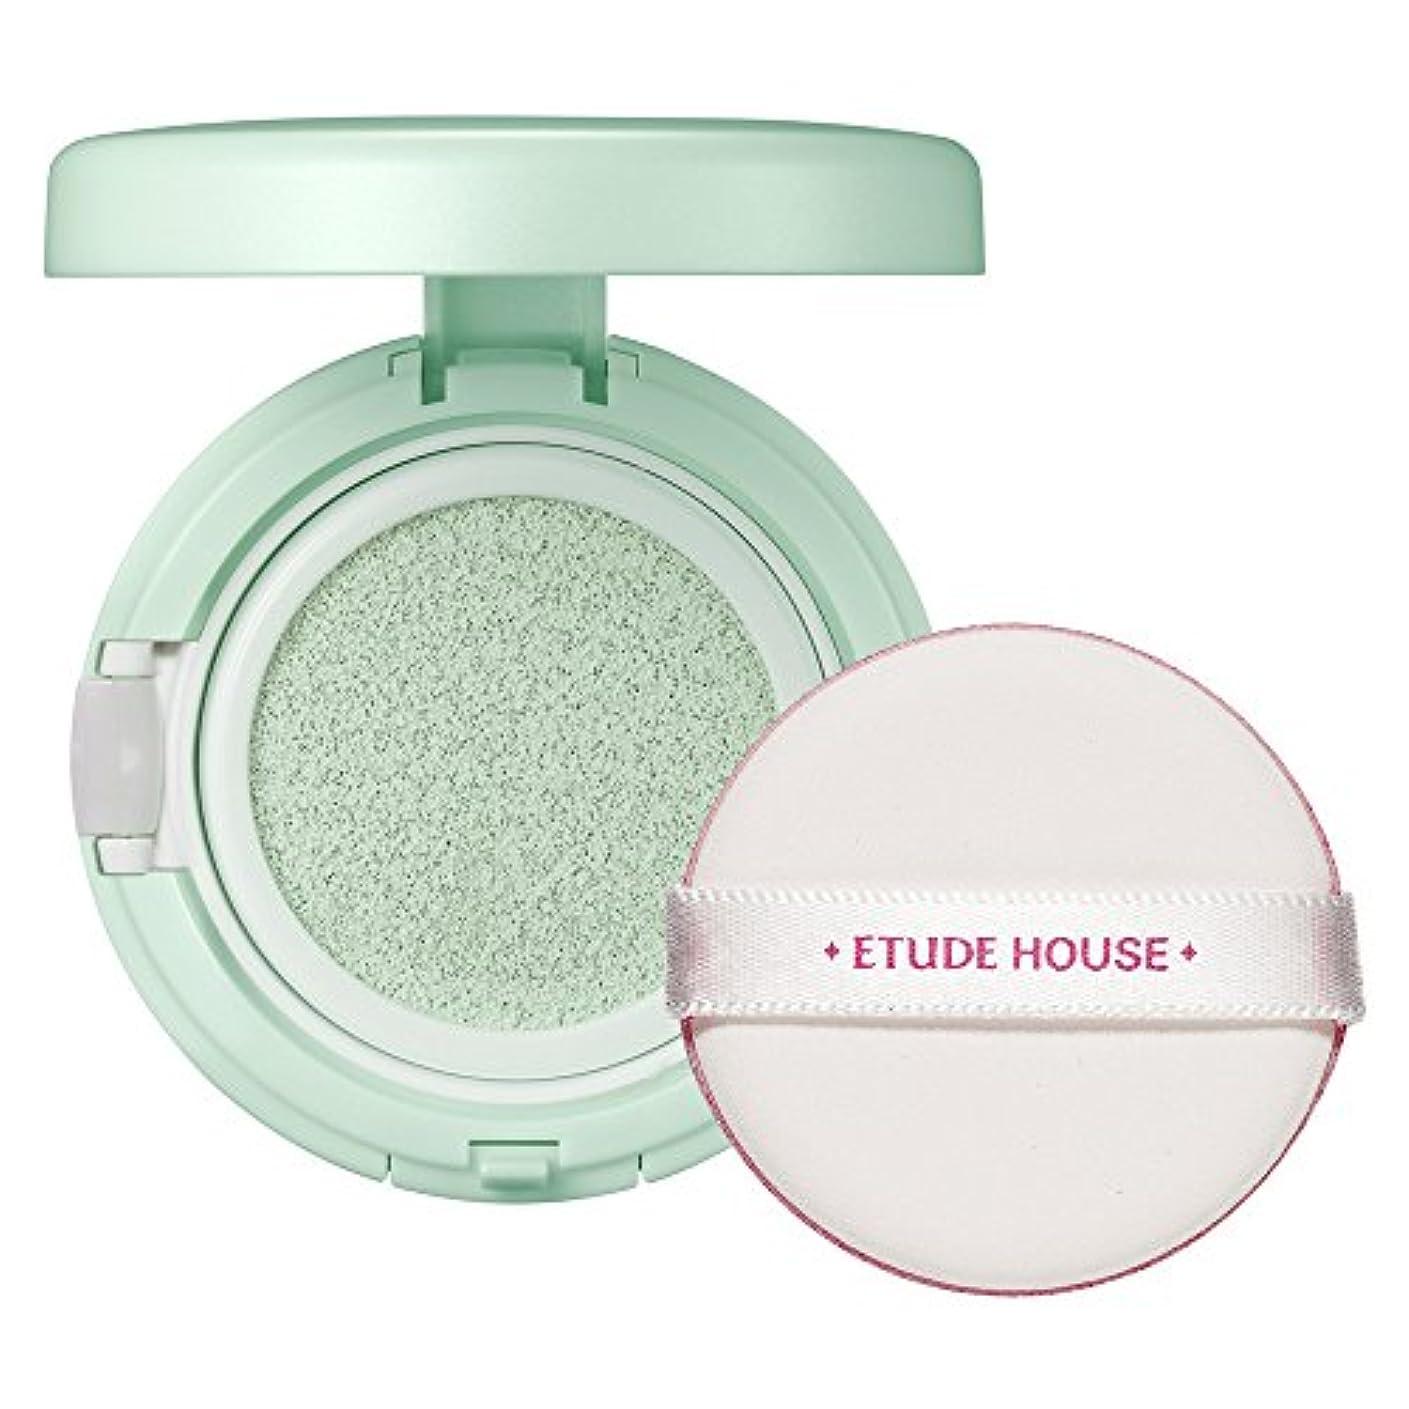 応じる宙返りカタログエチュードハウス(ETUDE HOUSE) プレシャスミネラル マジカル エニークッション #Mint